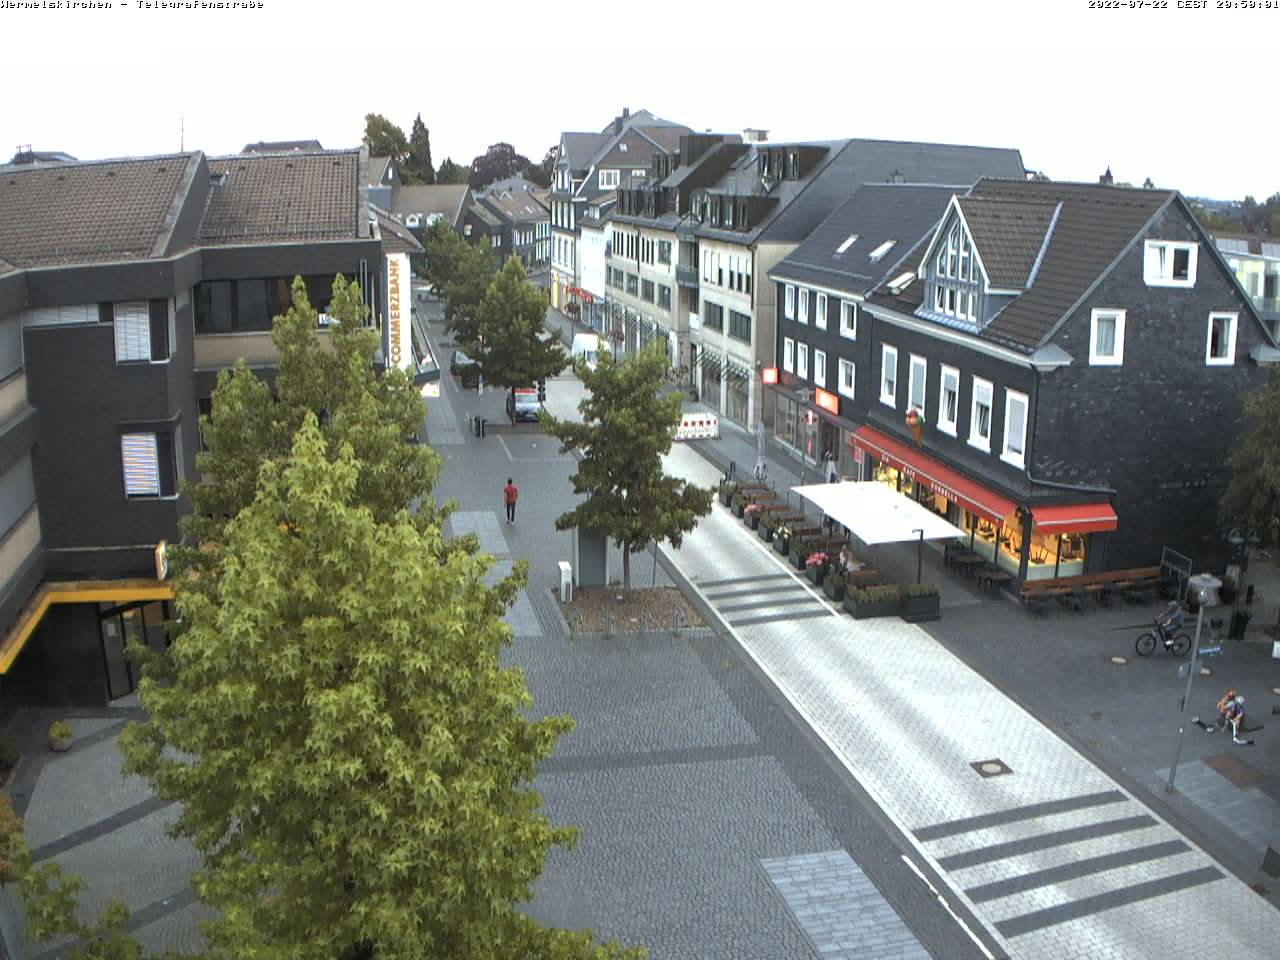 Webcam Wermelskirchen